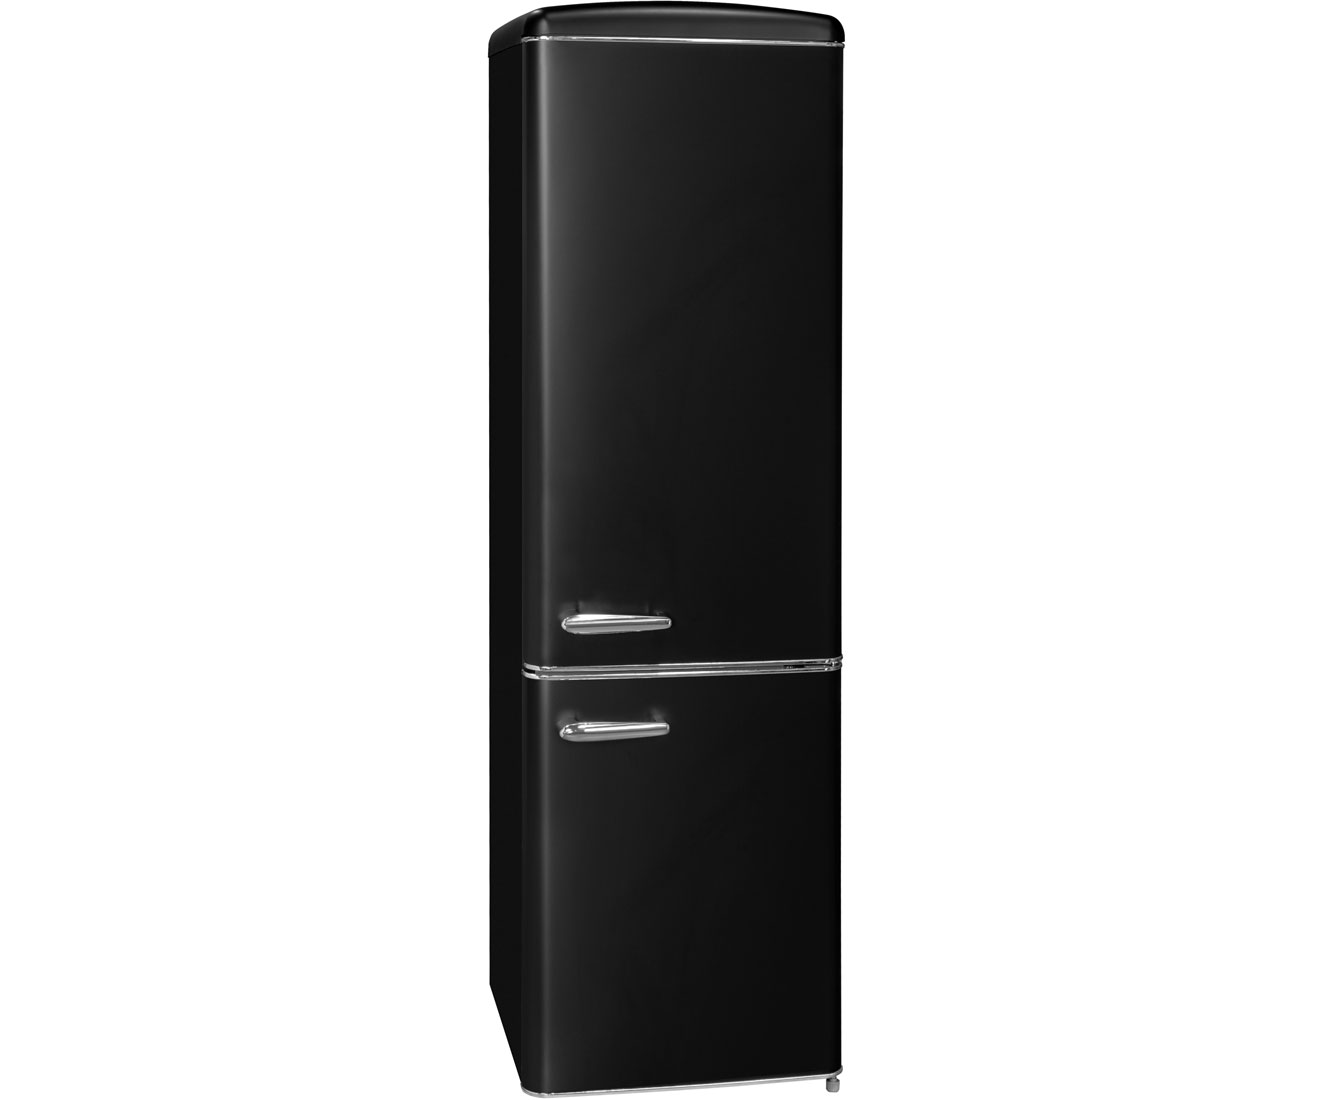 Aeg Kühlschrank Alarm Blinkt : Kühlschrank piept brauche dringend hilfe wohnmobil forum seite